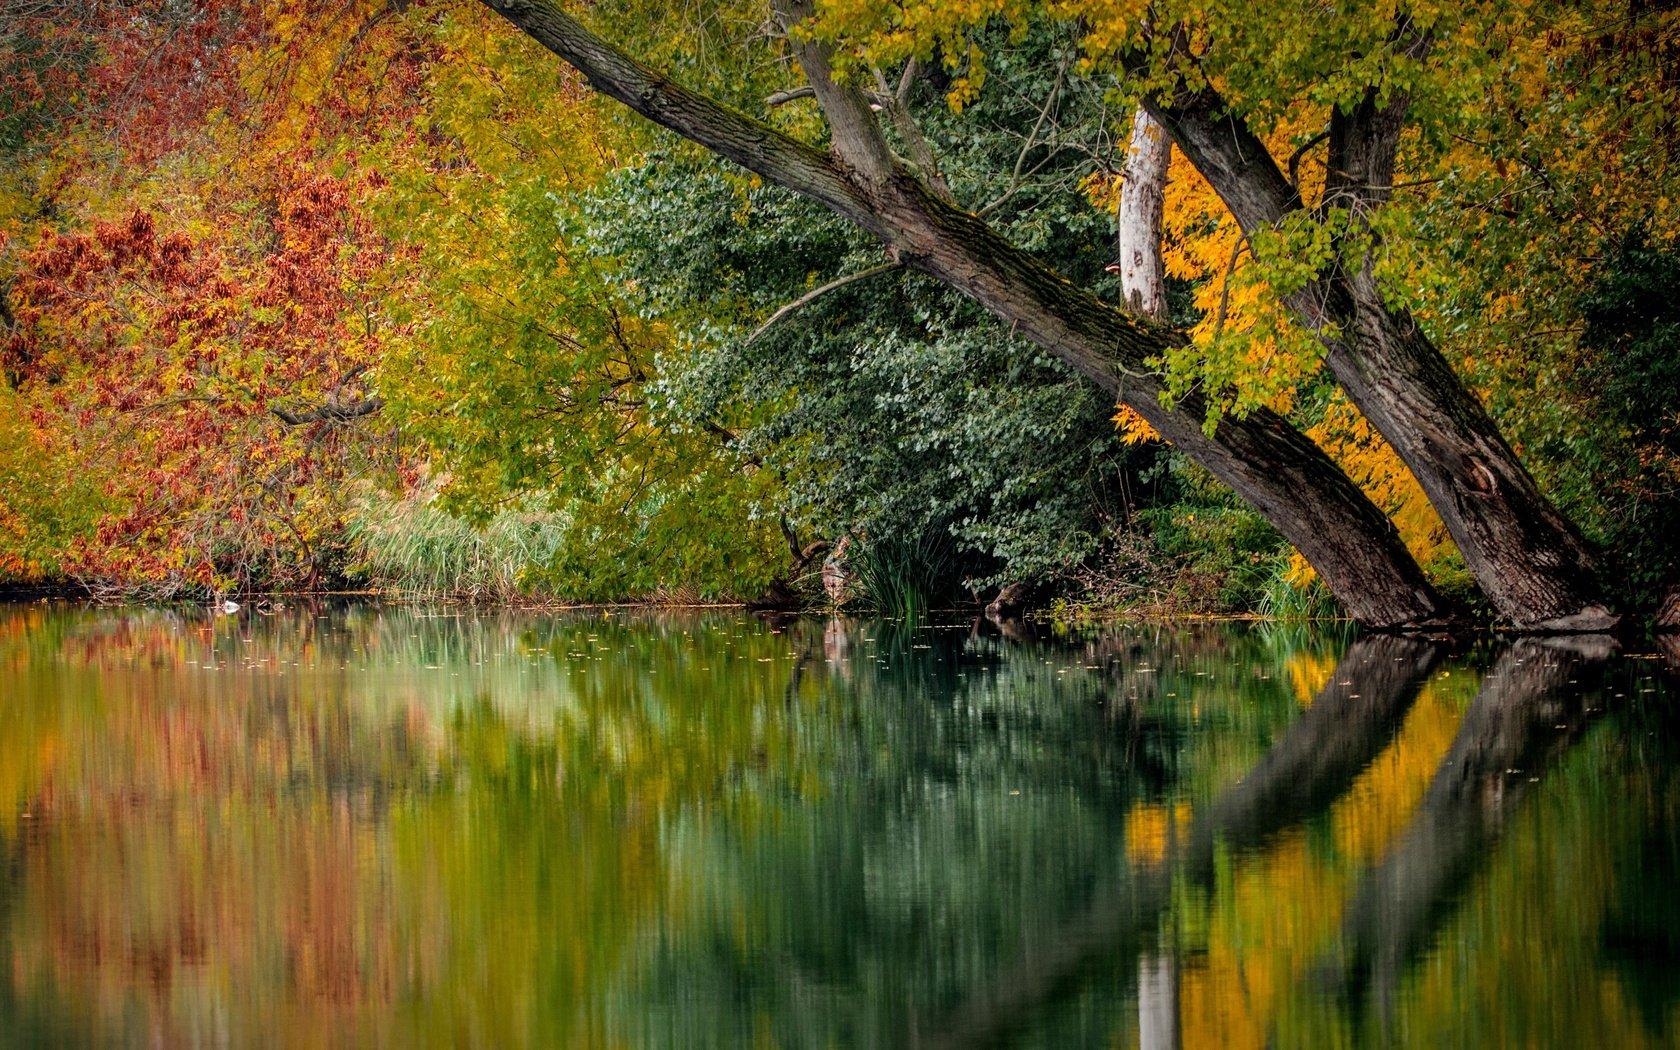 природа деревья река отражение осень nature trees river reflection autumn без смс